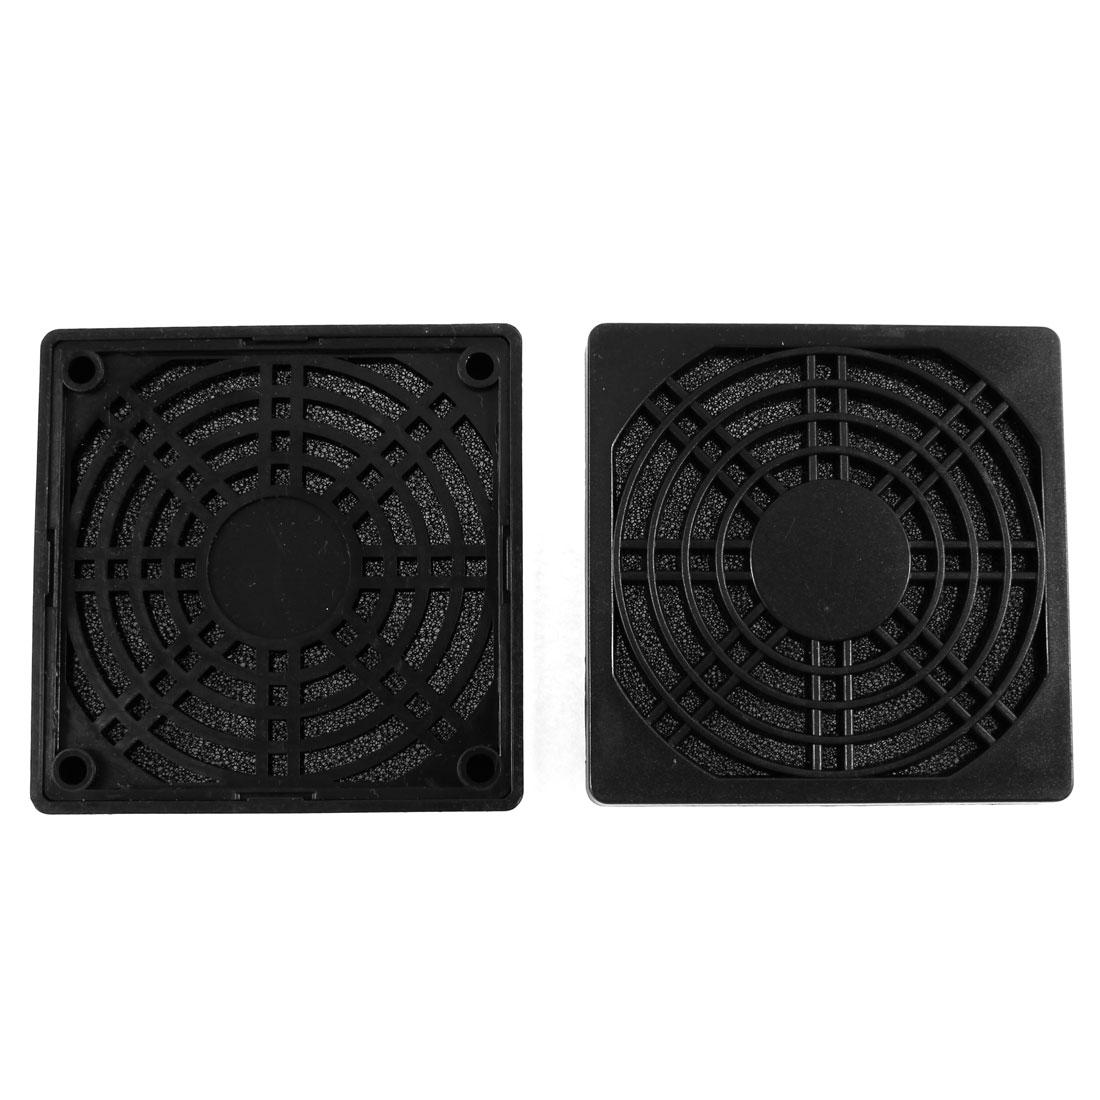 Unique Bargains 2Pcs Computer PC Black Plastic 8.5cm 85mm Fan Filter Dust Guard Mesh